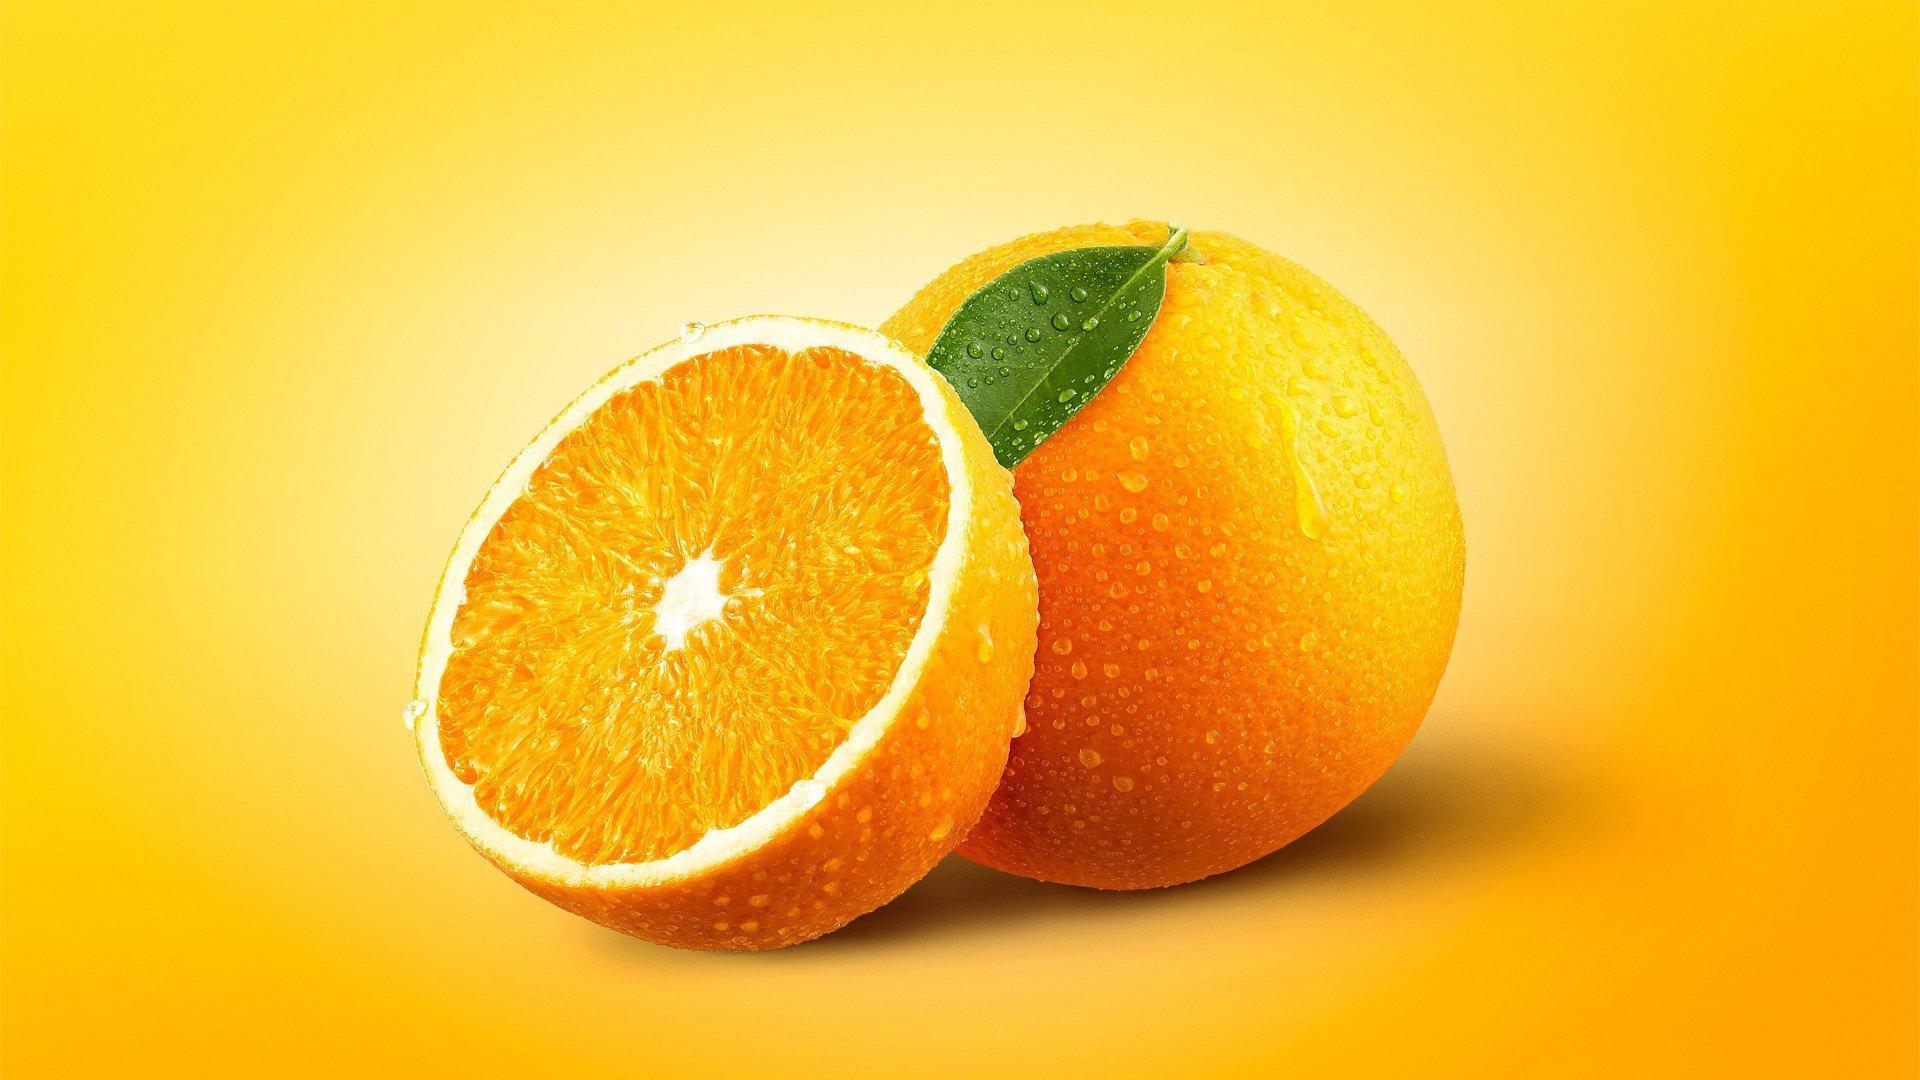 Portakal Duvar Kağıtları